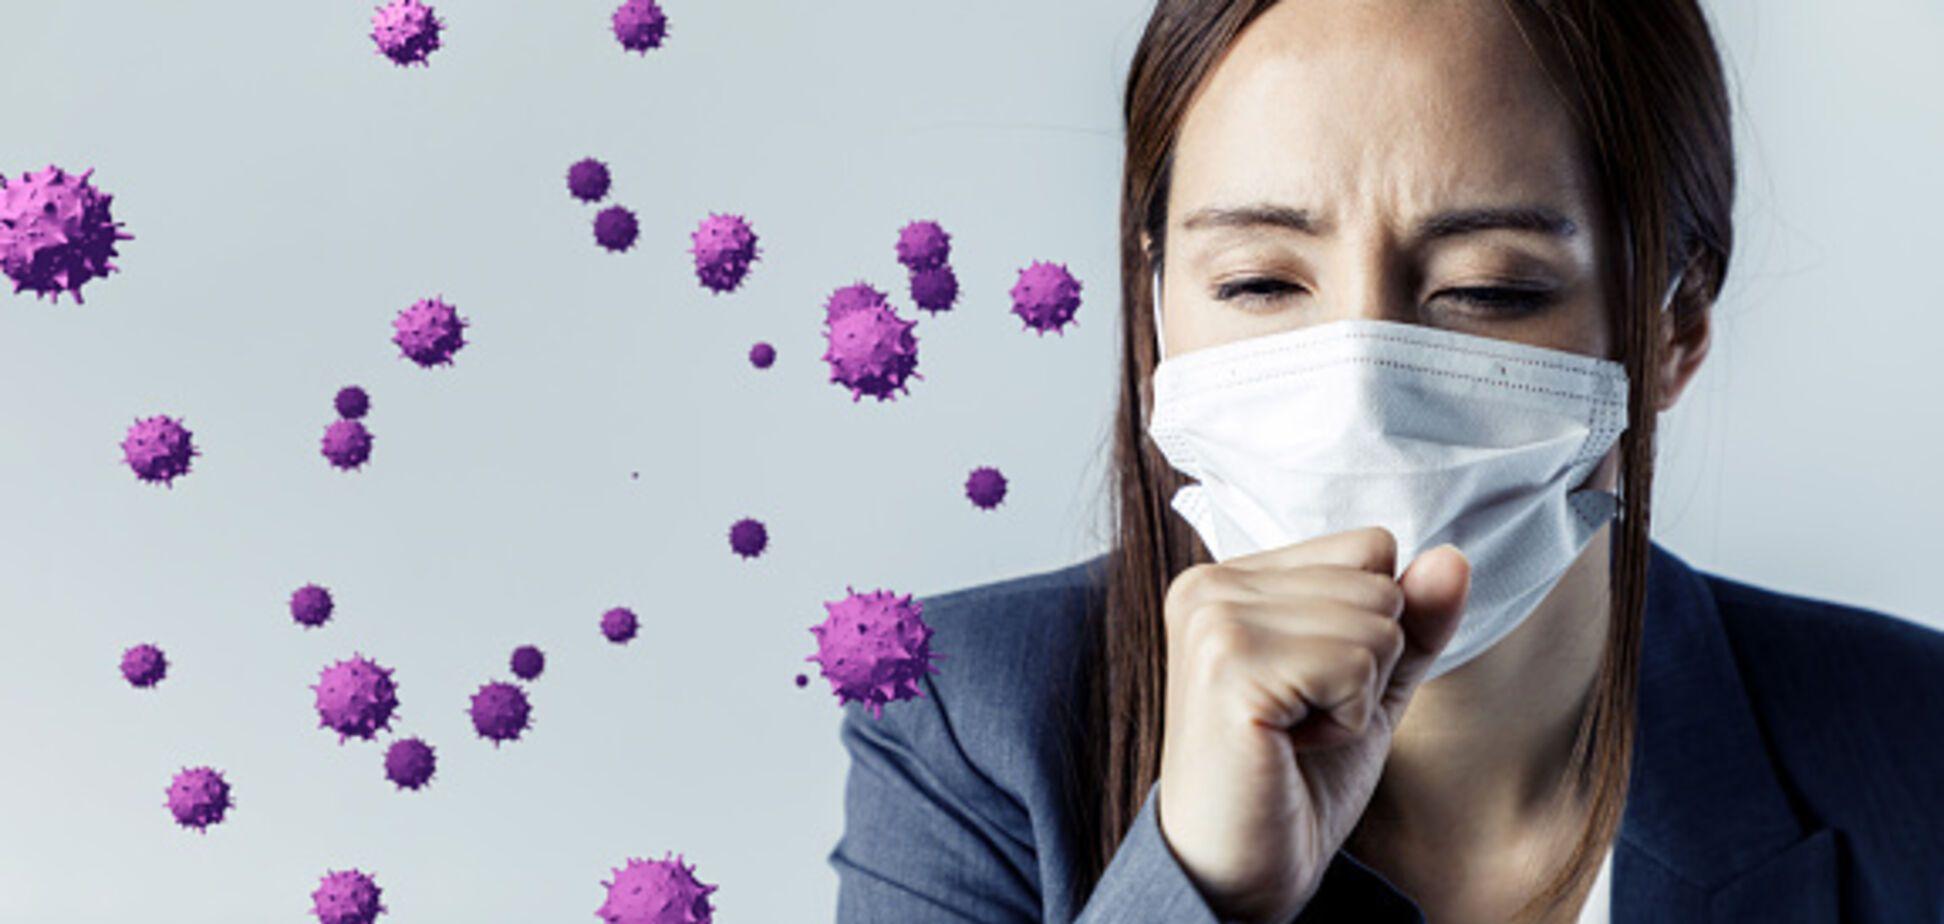 Ученые создали медальон, уничтожающий до 93% коронавирусов в воздухе